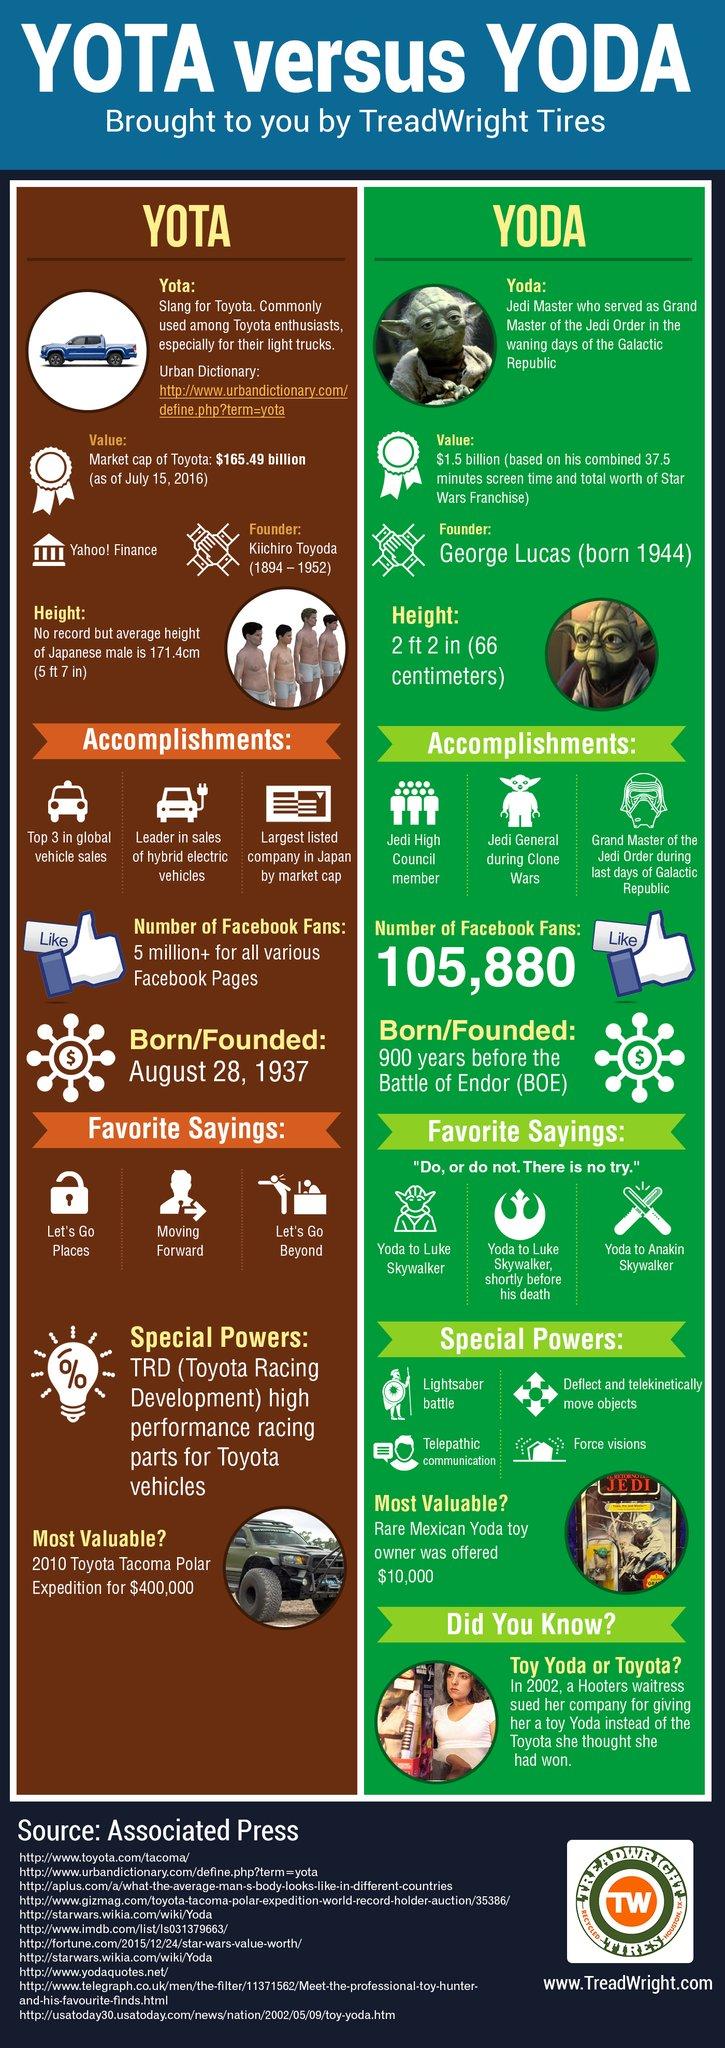 Yota-Versus-Yoda-infographic-plaza